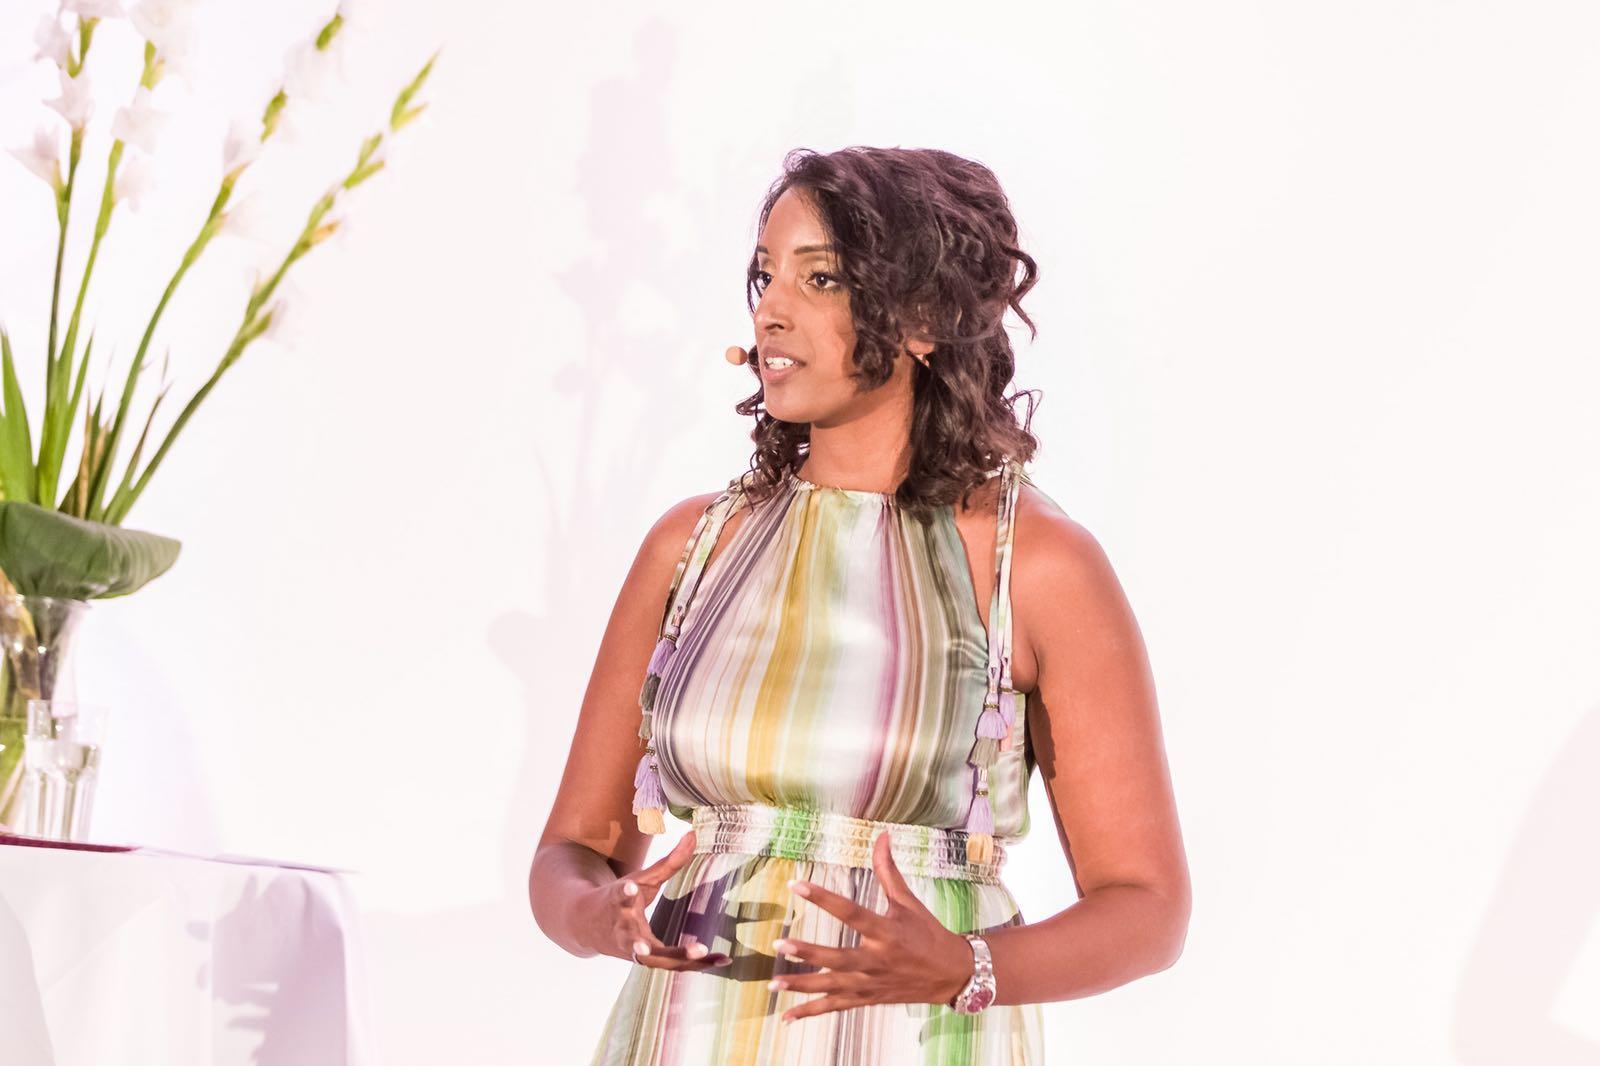 Bild zeigt Sabina Kocherhans im gestreiften Kleid während ihrer Keynote auf der Veranstaltung des Feminss-Kongress 2018